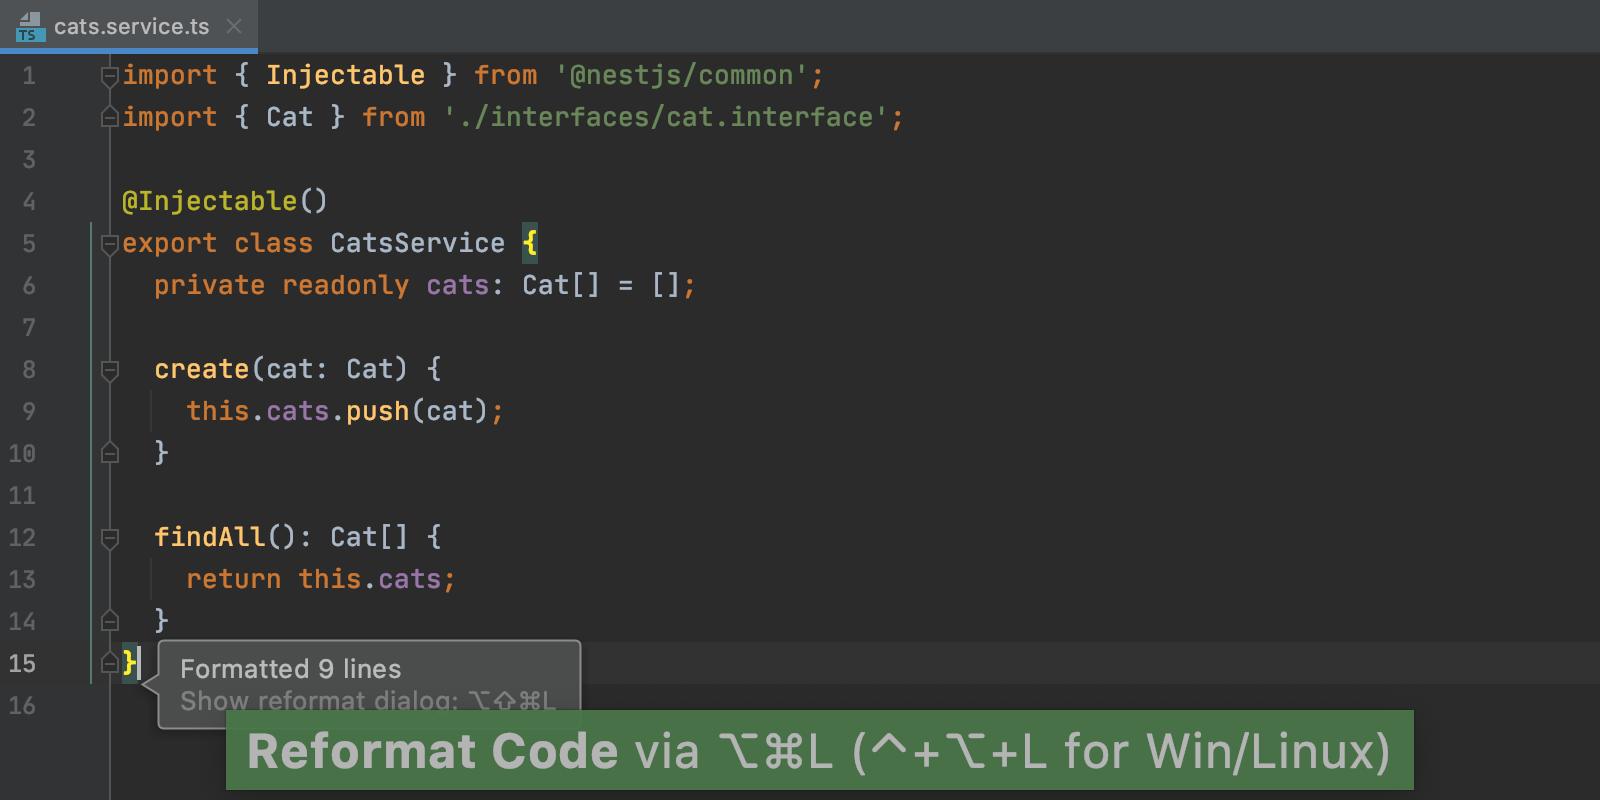 reformat-code-prettier-default